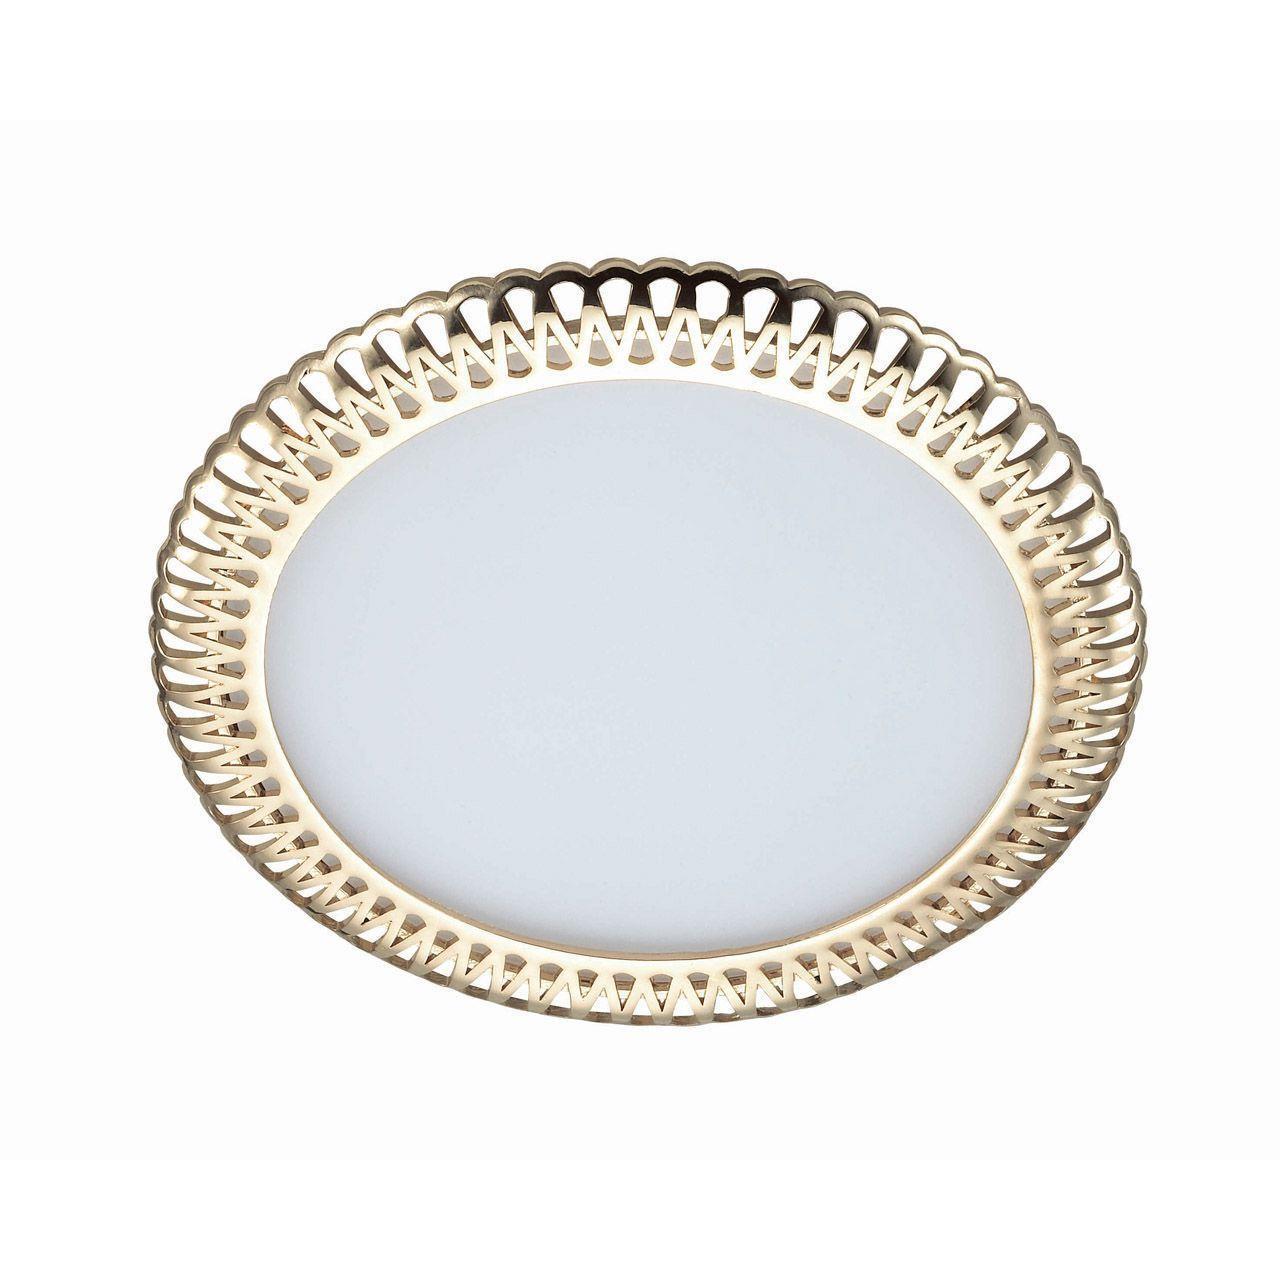 цена на Встраиваемый светильник Novotech 357369, золотой